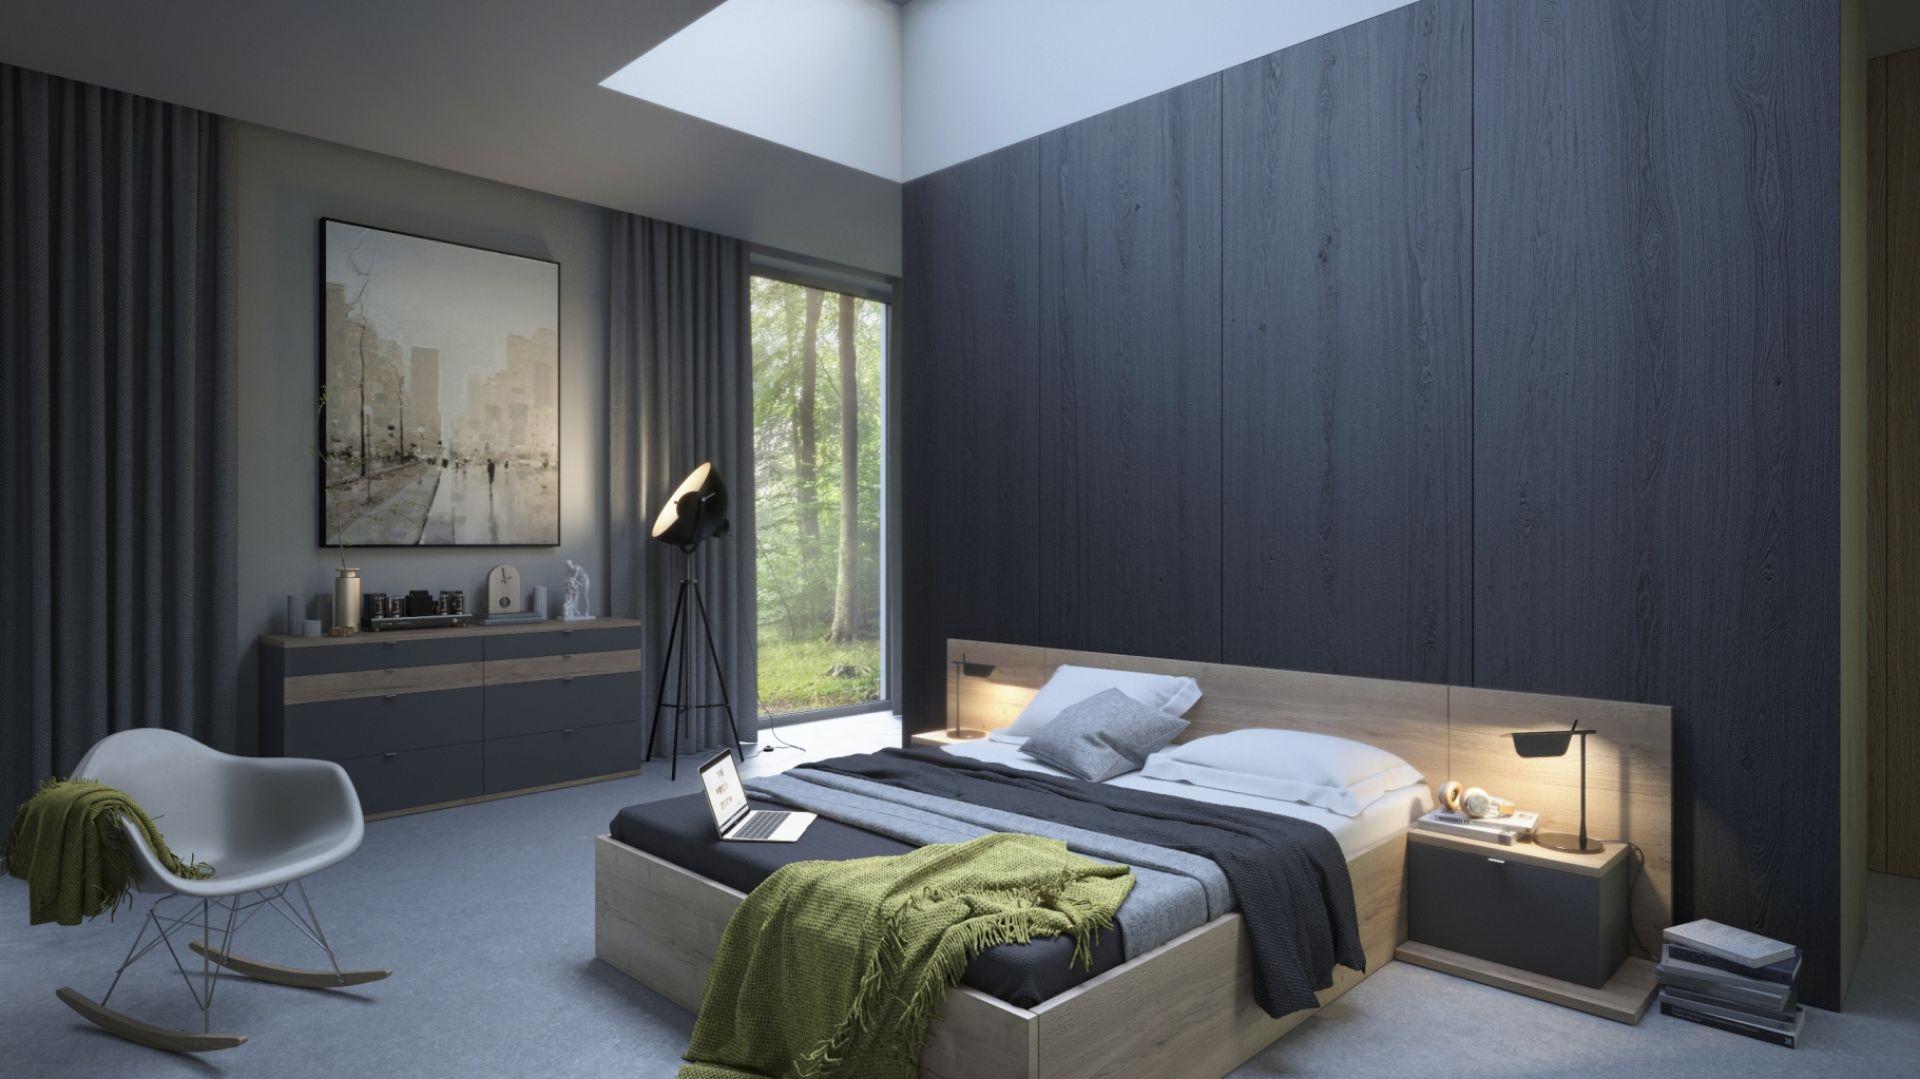 Zastosowanie w pomieszczeniu wielu odcieni danego koloru. Fot. Komandor